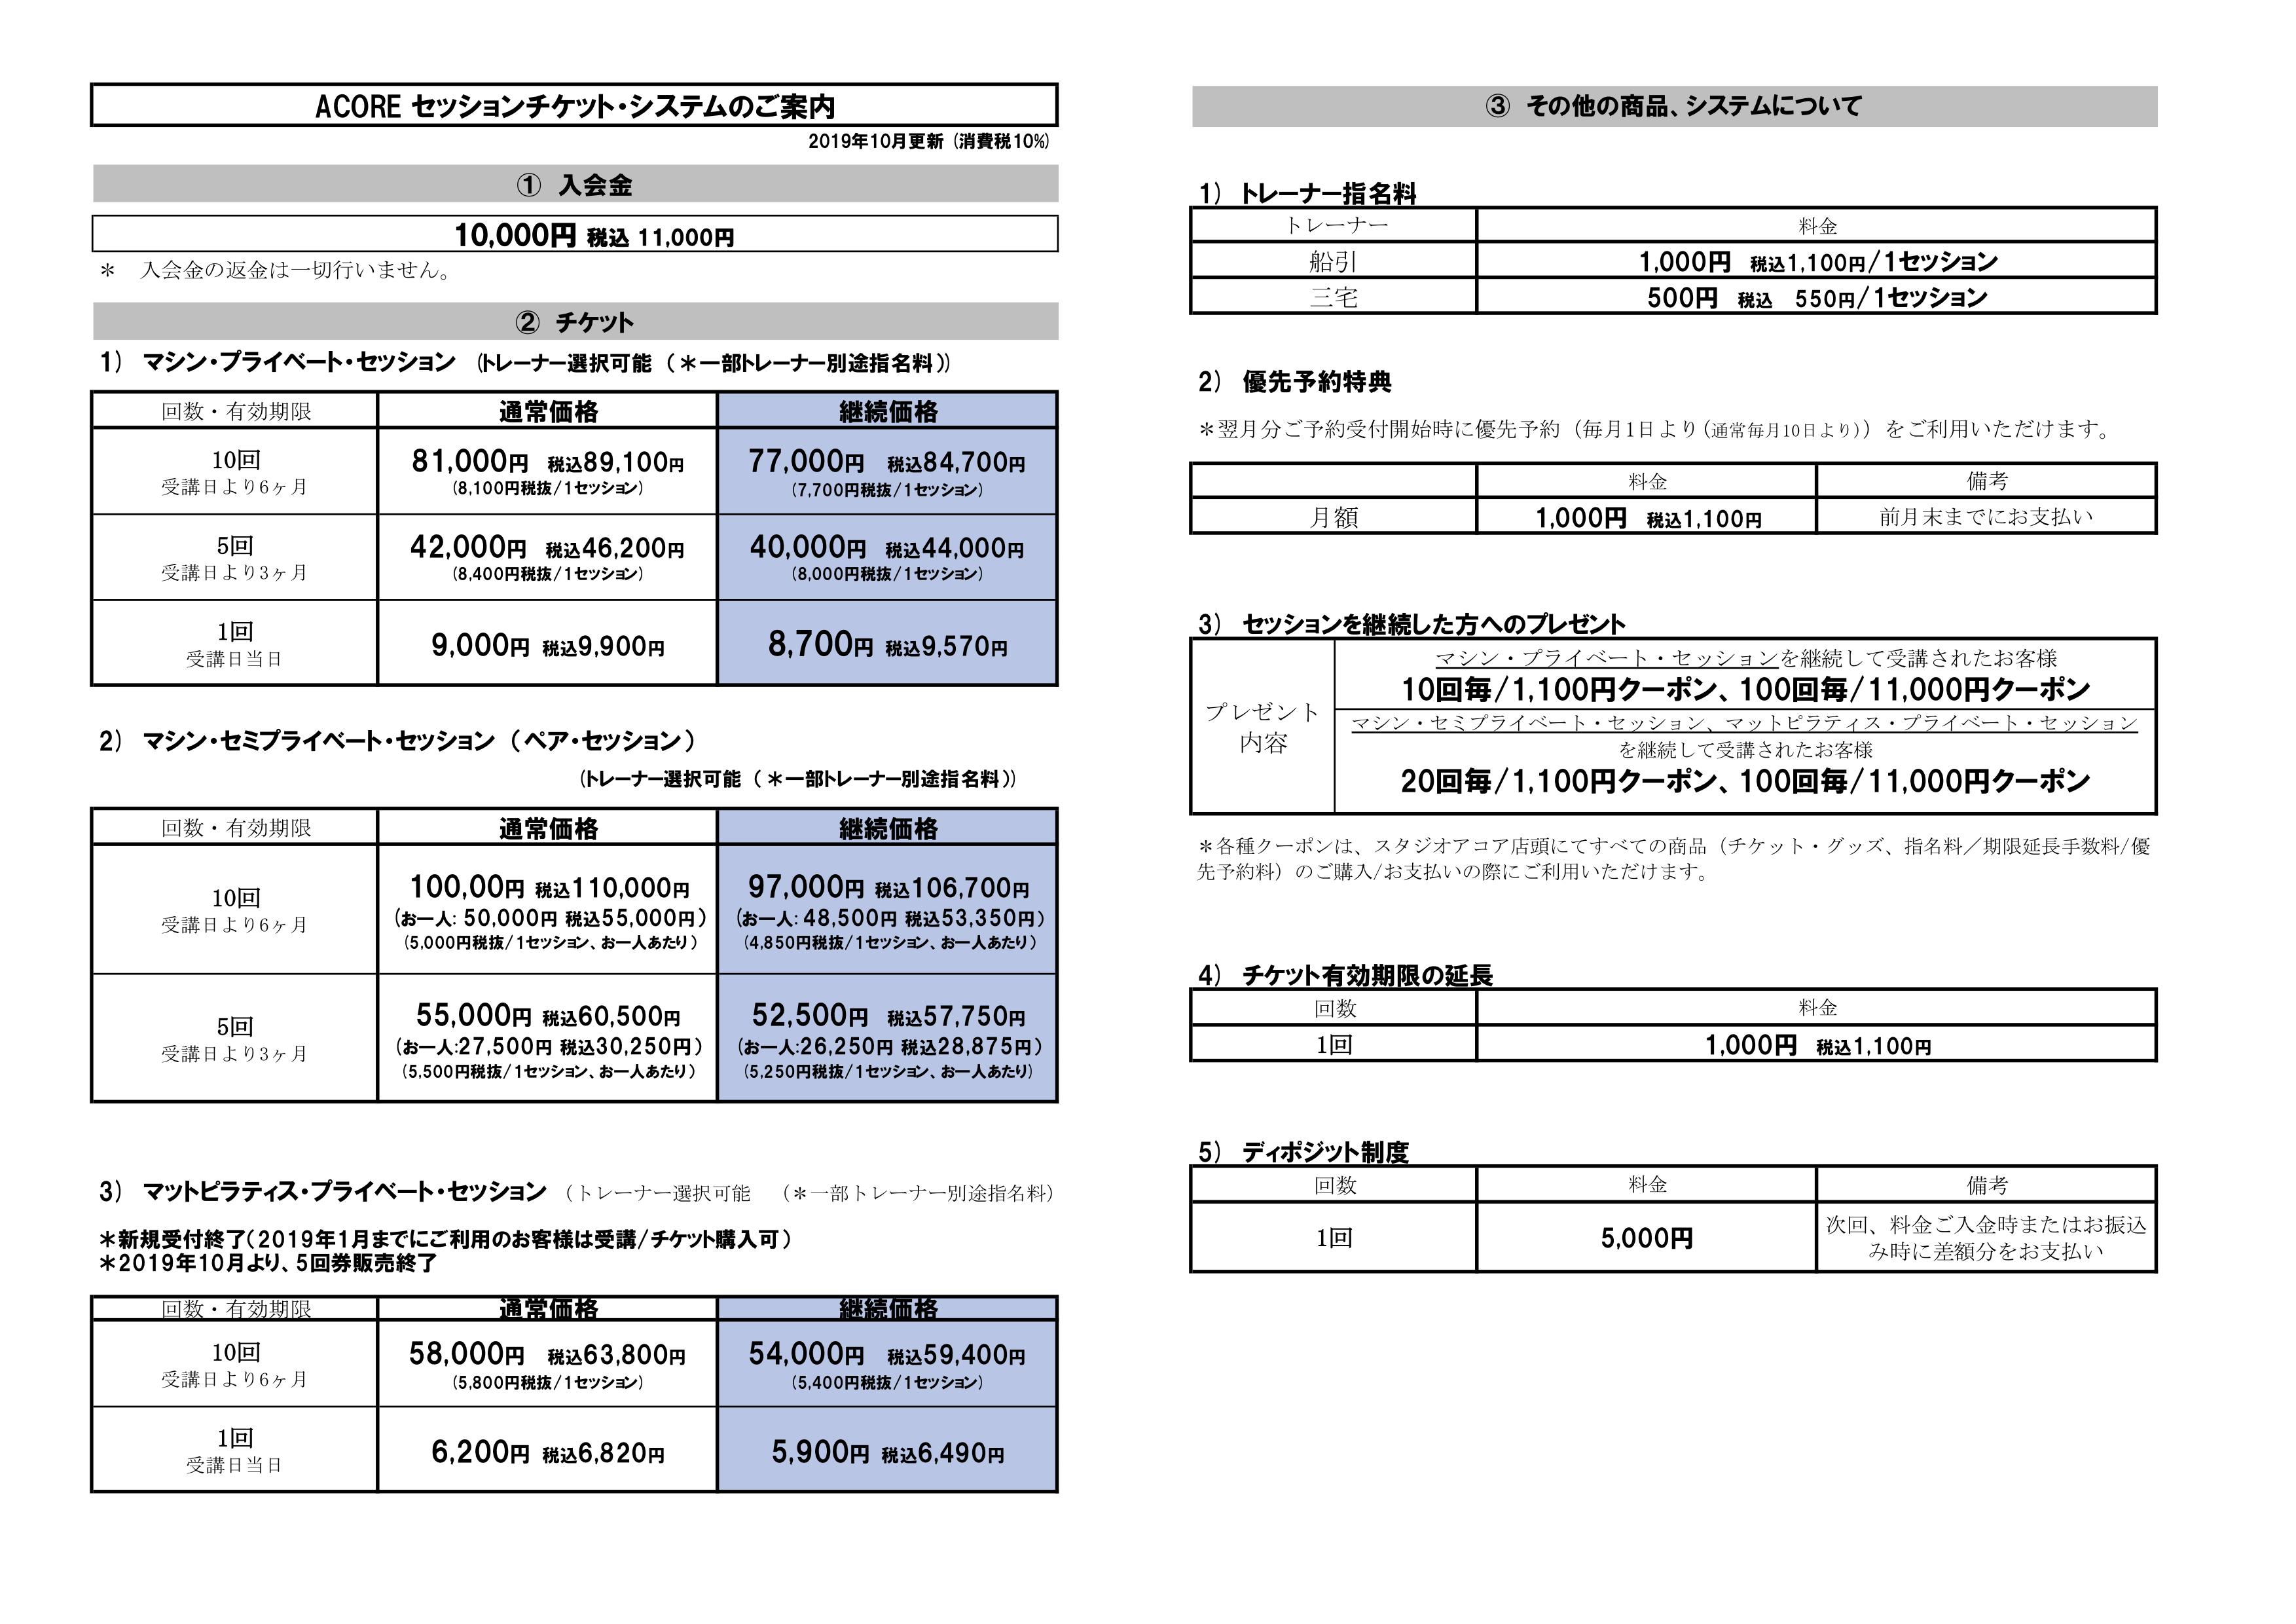 2019年10月消費税増税時価格改定チケット料金表(9月15日変更)